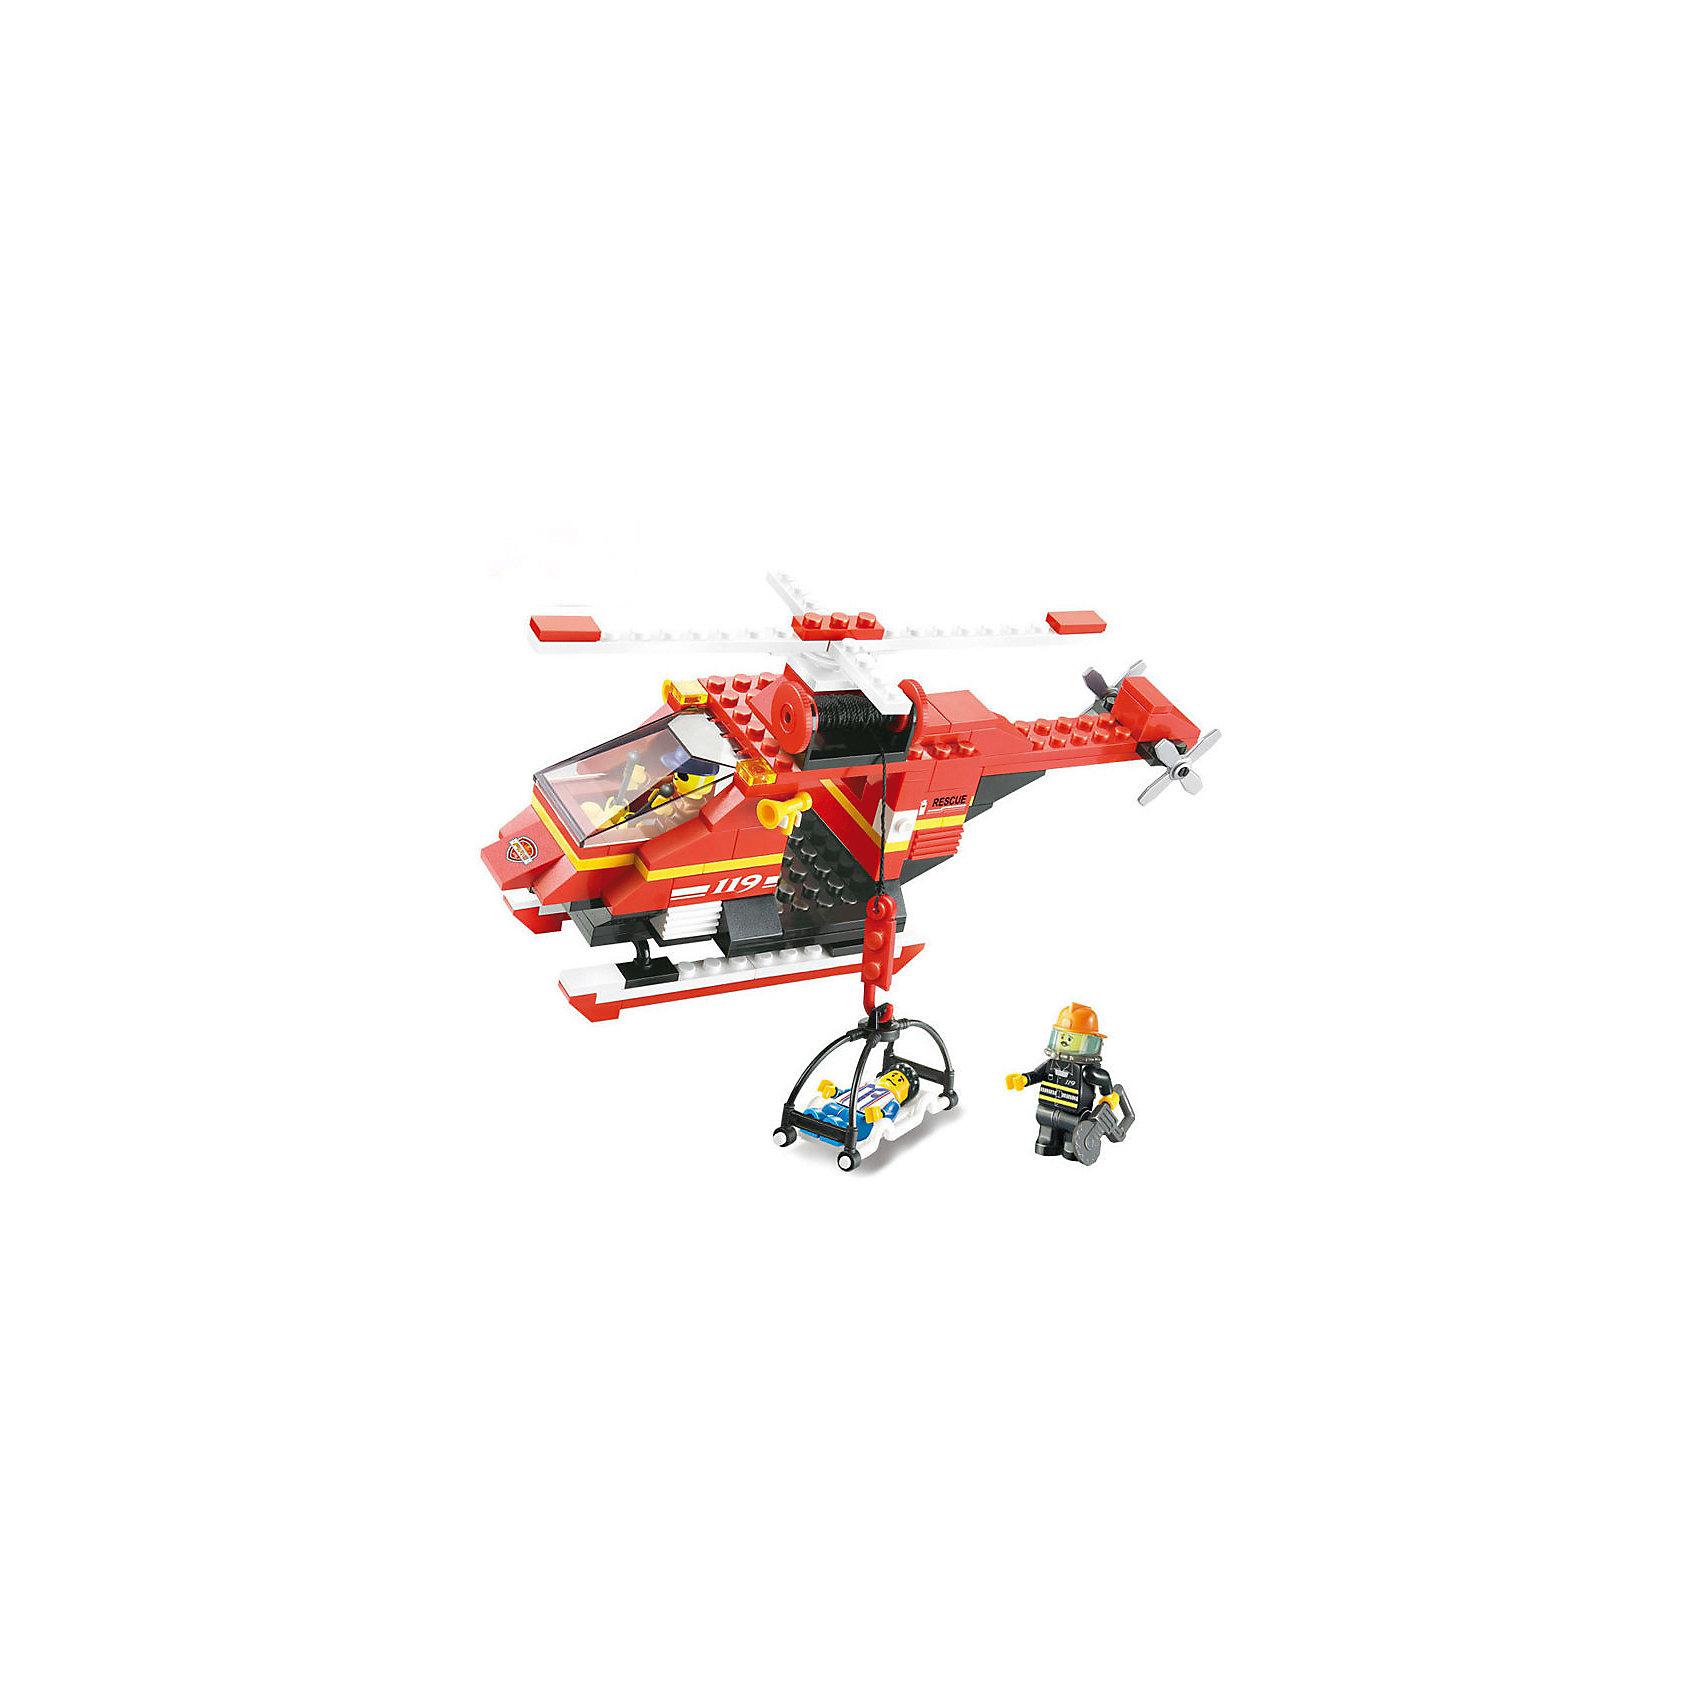 Конструктор Пожарный: Вертолёт, 155 деталей, SlubanПластмассовые конструкторы<br>Конструктор Пожарный: Вертолёт, 155 деталей, Sluban (Слубан)<br><br>Характеристики:<br><br>• возраст: от 6 лет<br>• пожарный вертолет и носилки из конструктора<br>• количество фигурок: 1<br>• количество деталей: 155<br>• материал: пластик<br>• размер упаковки: 5,4х19х28,5 см<br>• вес: 328 грамм<br><br>Для полноценной спасательной операции может потребоваться вертолет. Из конструктора Sluban ребенок сможет собрать спасательный вертолет с лебедкой и носилками. Фигурка, входящая в комплект, отлично подойдет для создания различных сюжетов игры. Сюжетно-роевой конструктор способствует развитию моторики рук, координации, усидчивости и воображения.<br><br>Конструктор Пожарный: Вертолёт, 155 деталей, Sluban (Слубан) можно купить в нашем интернет-магазине.<br><br>Ширина мм: 285<br>Глубина мм: 190<br>Высота мм: 54<br>Вес г: 328<br>Возраст от месяцев: 72<br>Возраст до месяцев: 2147483647<br>Пол: Мужской<br>Возраст: Детский<br>SKU: 5453762